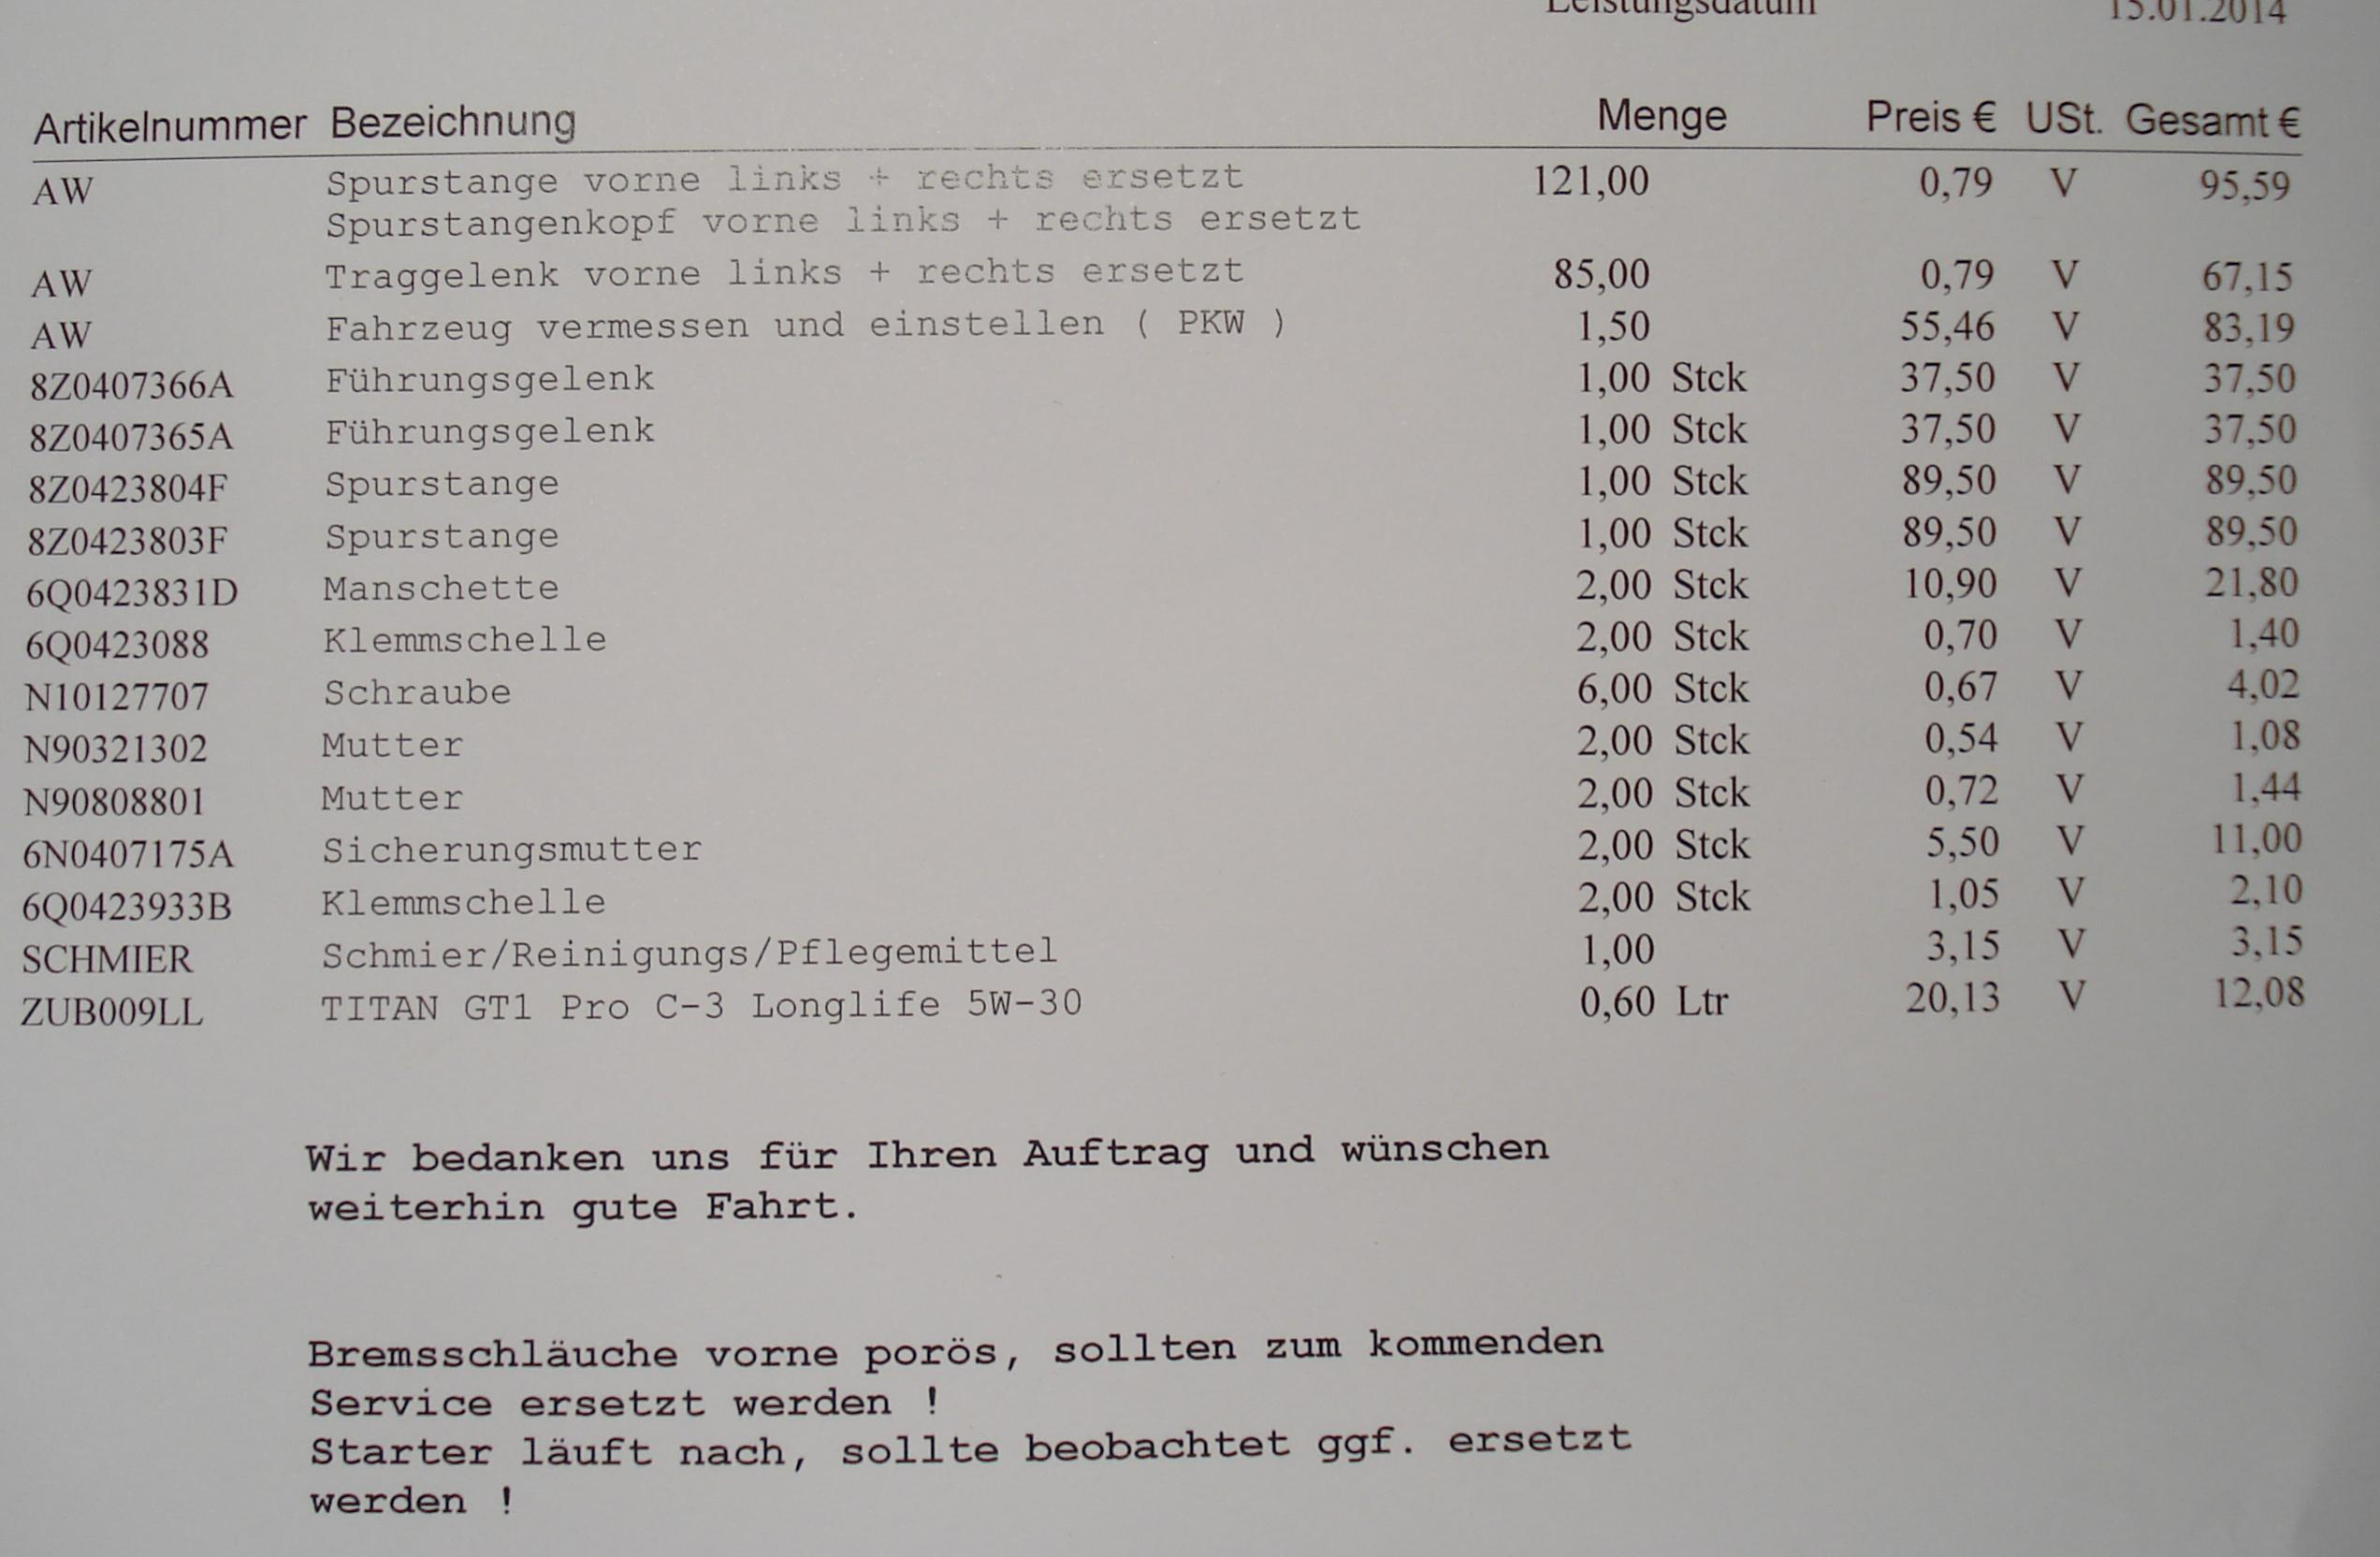 schluck!.jpg.ee1c3d6407bdfa45135d66b1422458aa.jpg